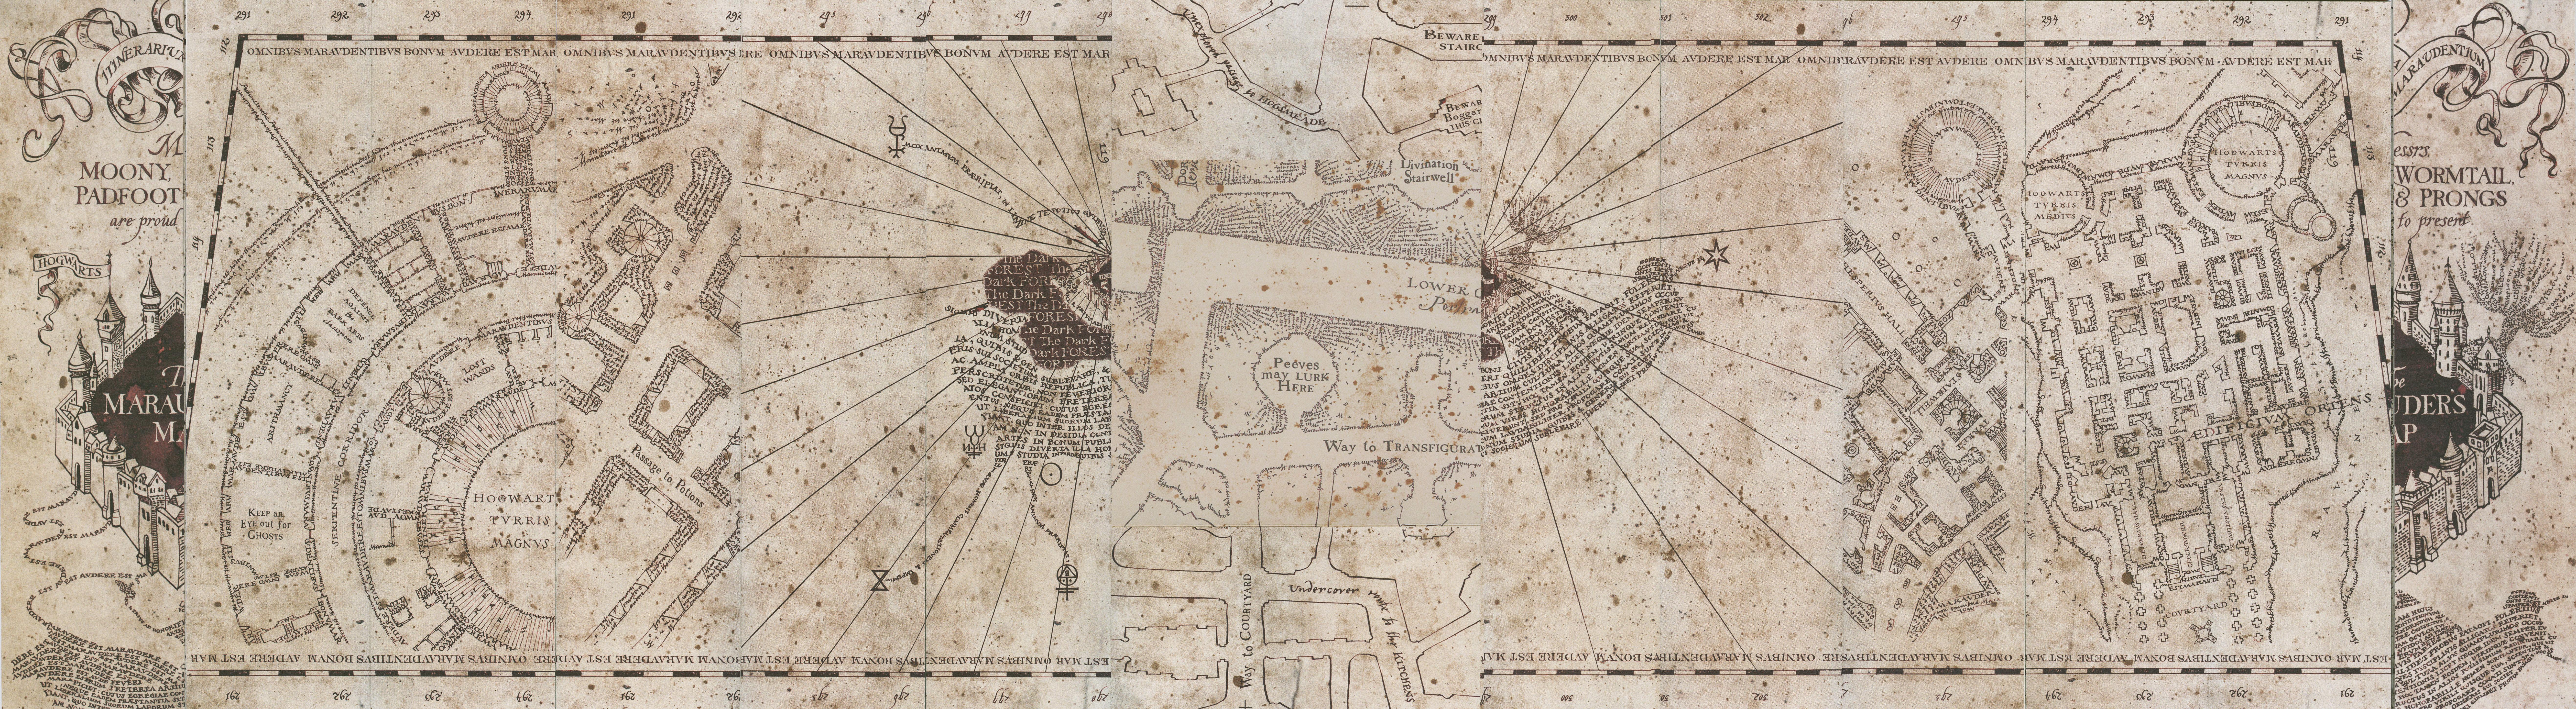 carte du maraudeur à imprimer DIY Carte du Maraudeur Anniversaire Harry Potter (+ Free Printable)